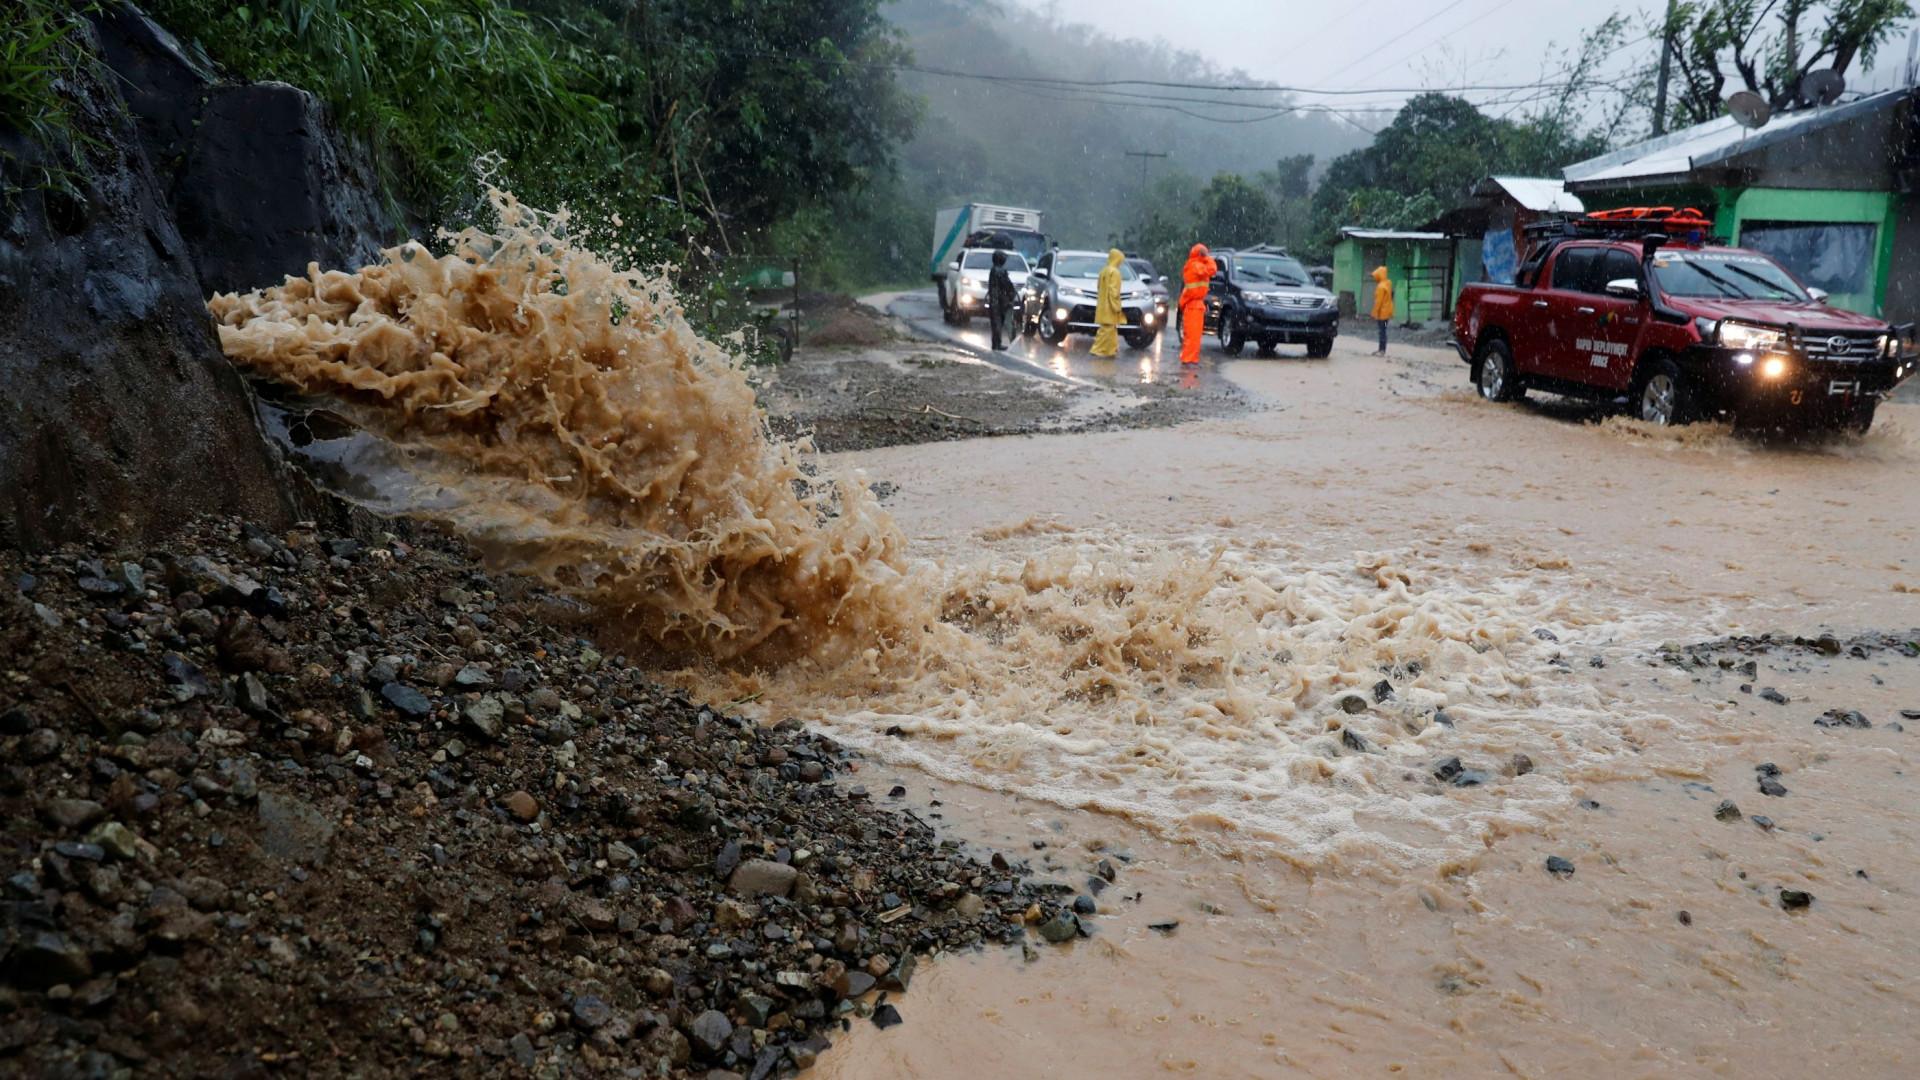 Tufão Mangkhut chega ao sul da China com fortes chuvas e ventos